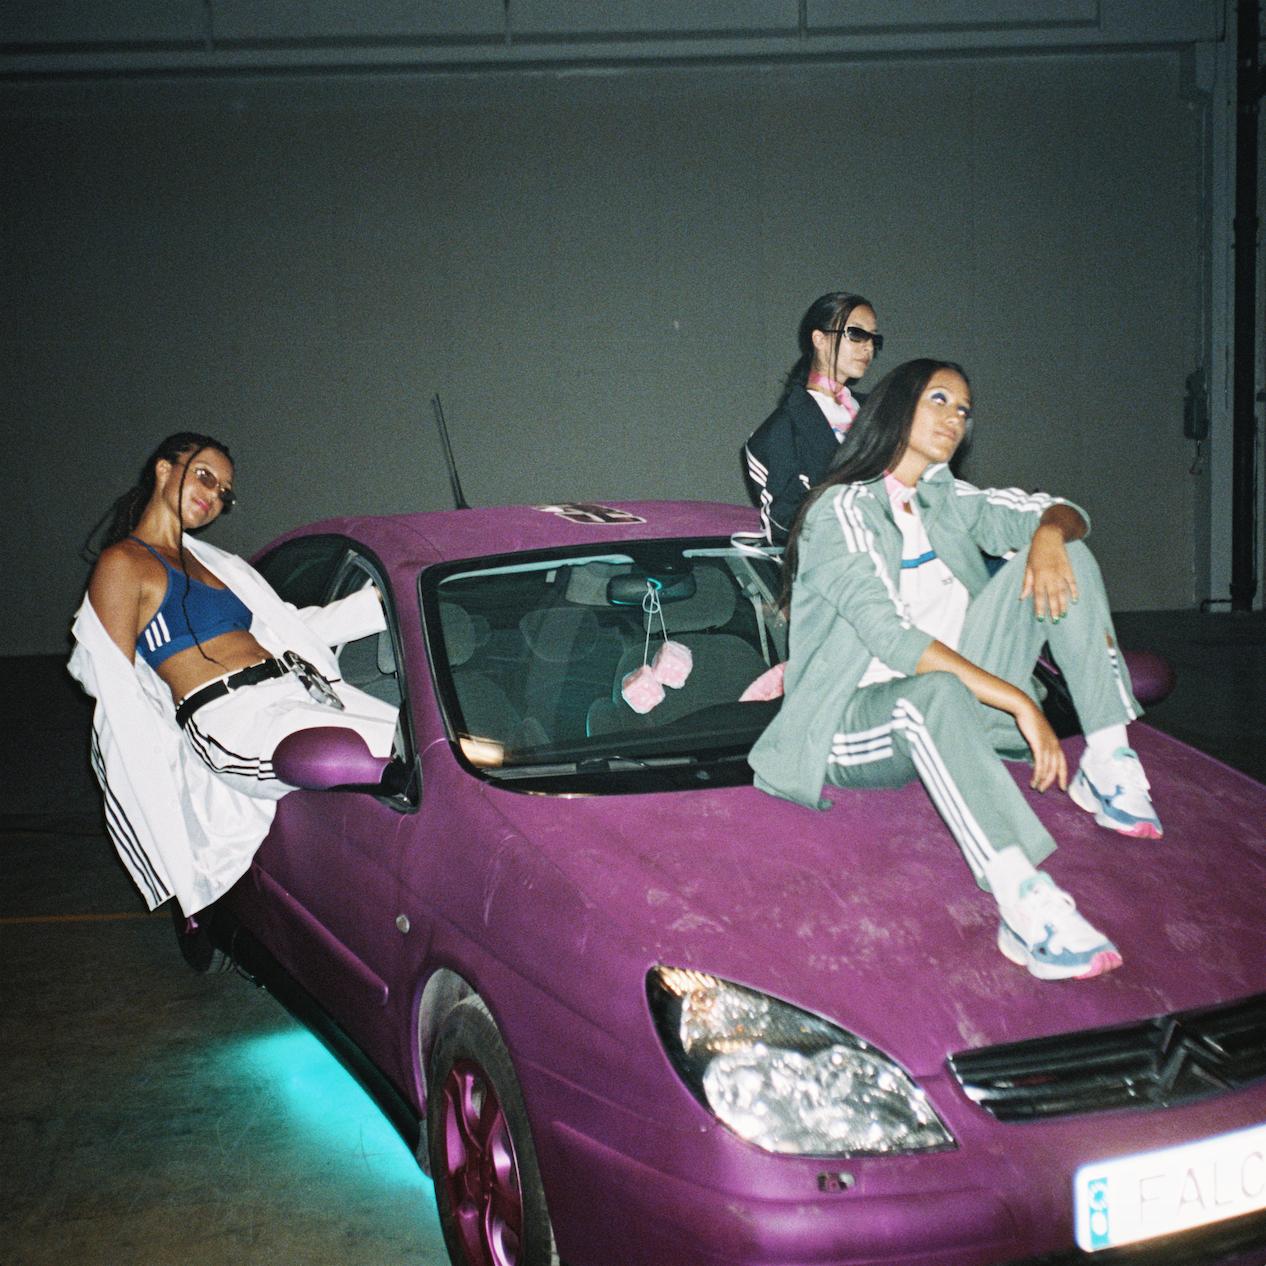 LadiesLoveHipHop (DJ Collective)